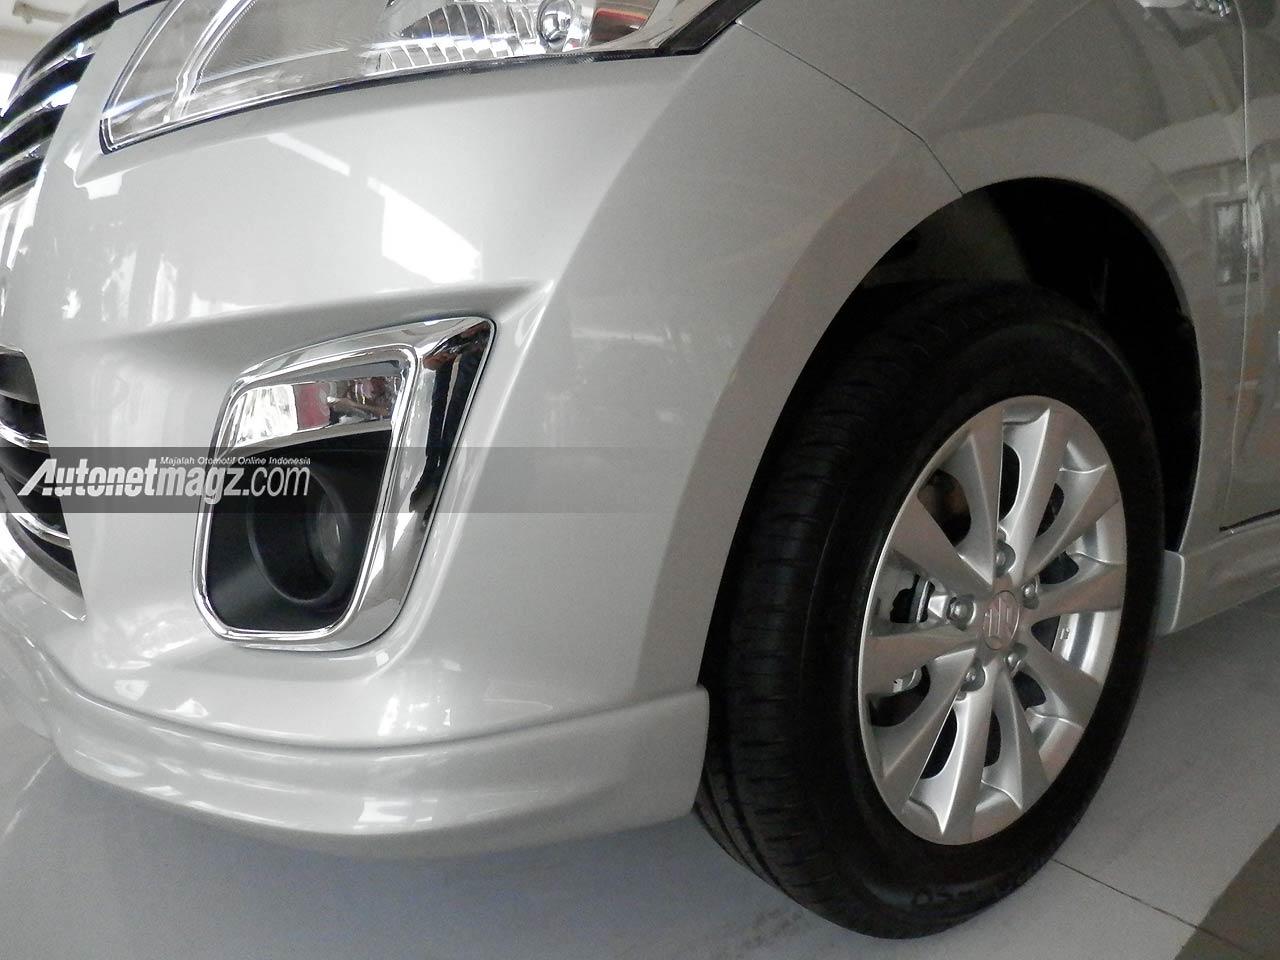 IIMS 2013, Fog lamp krom & front under front spoiler: Suzuki Ertiga Elegant Tampil Lebih Mewah [with Video]